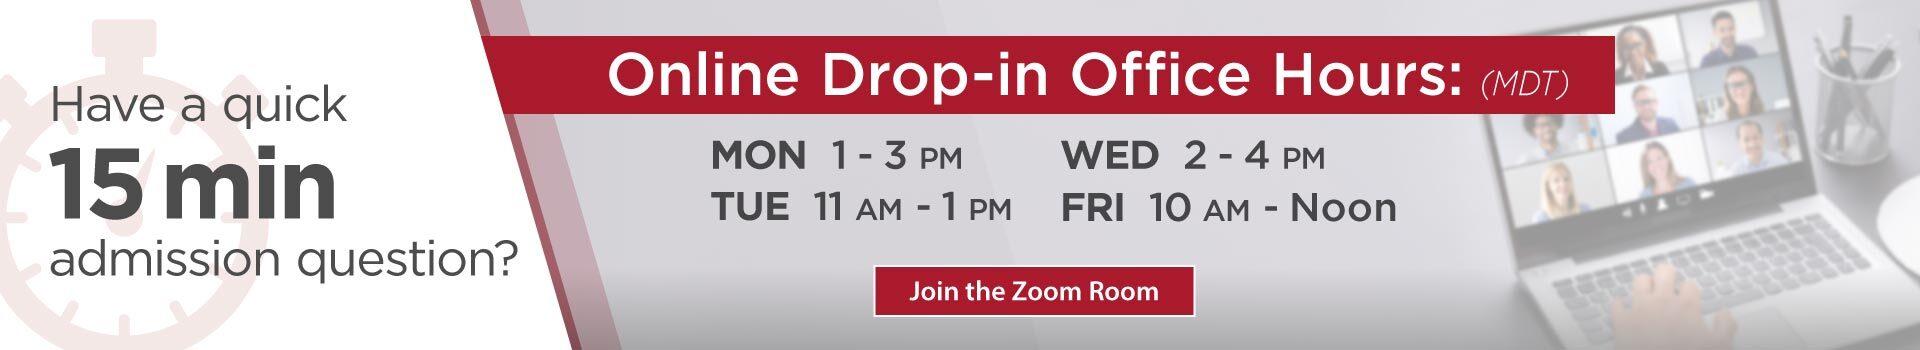 Online Drop-In Office Hours